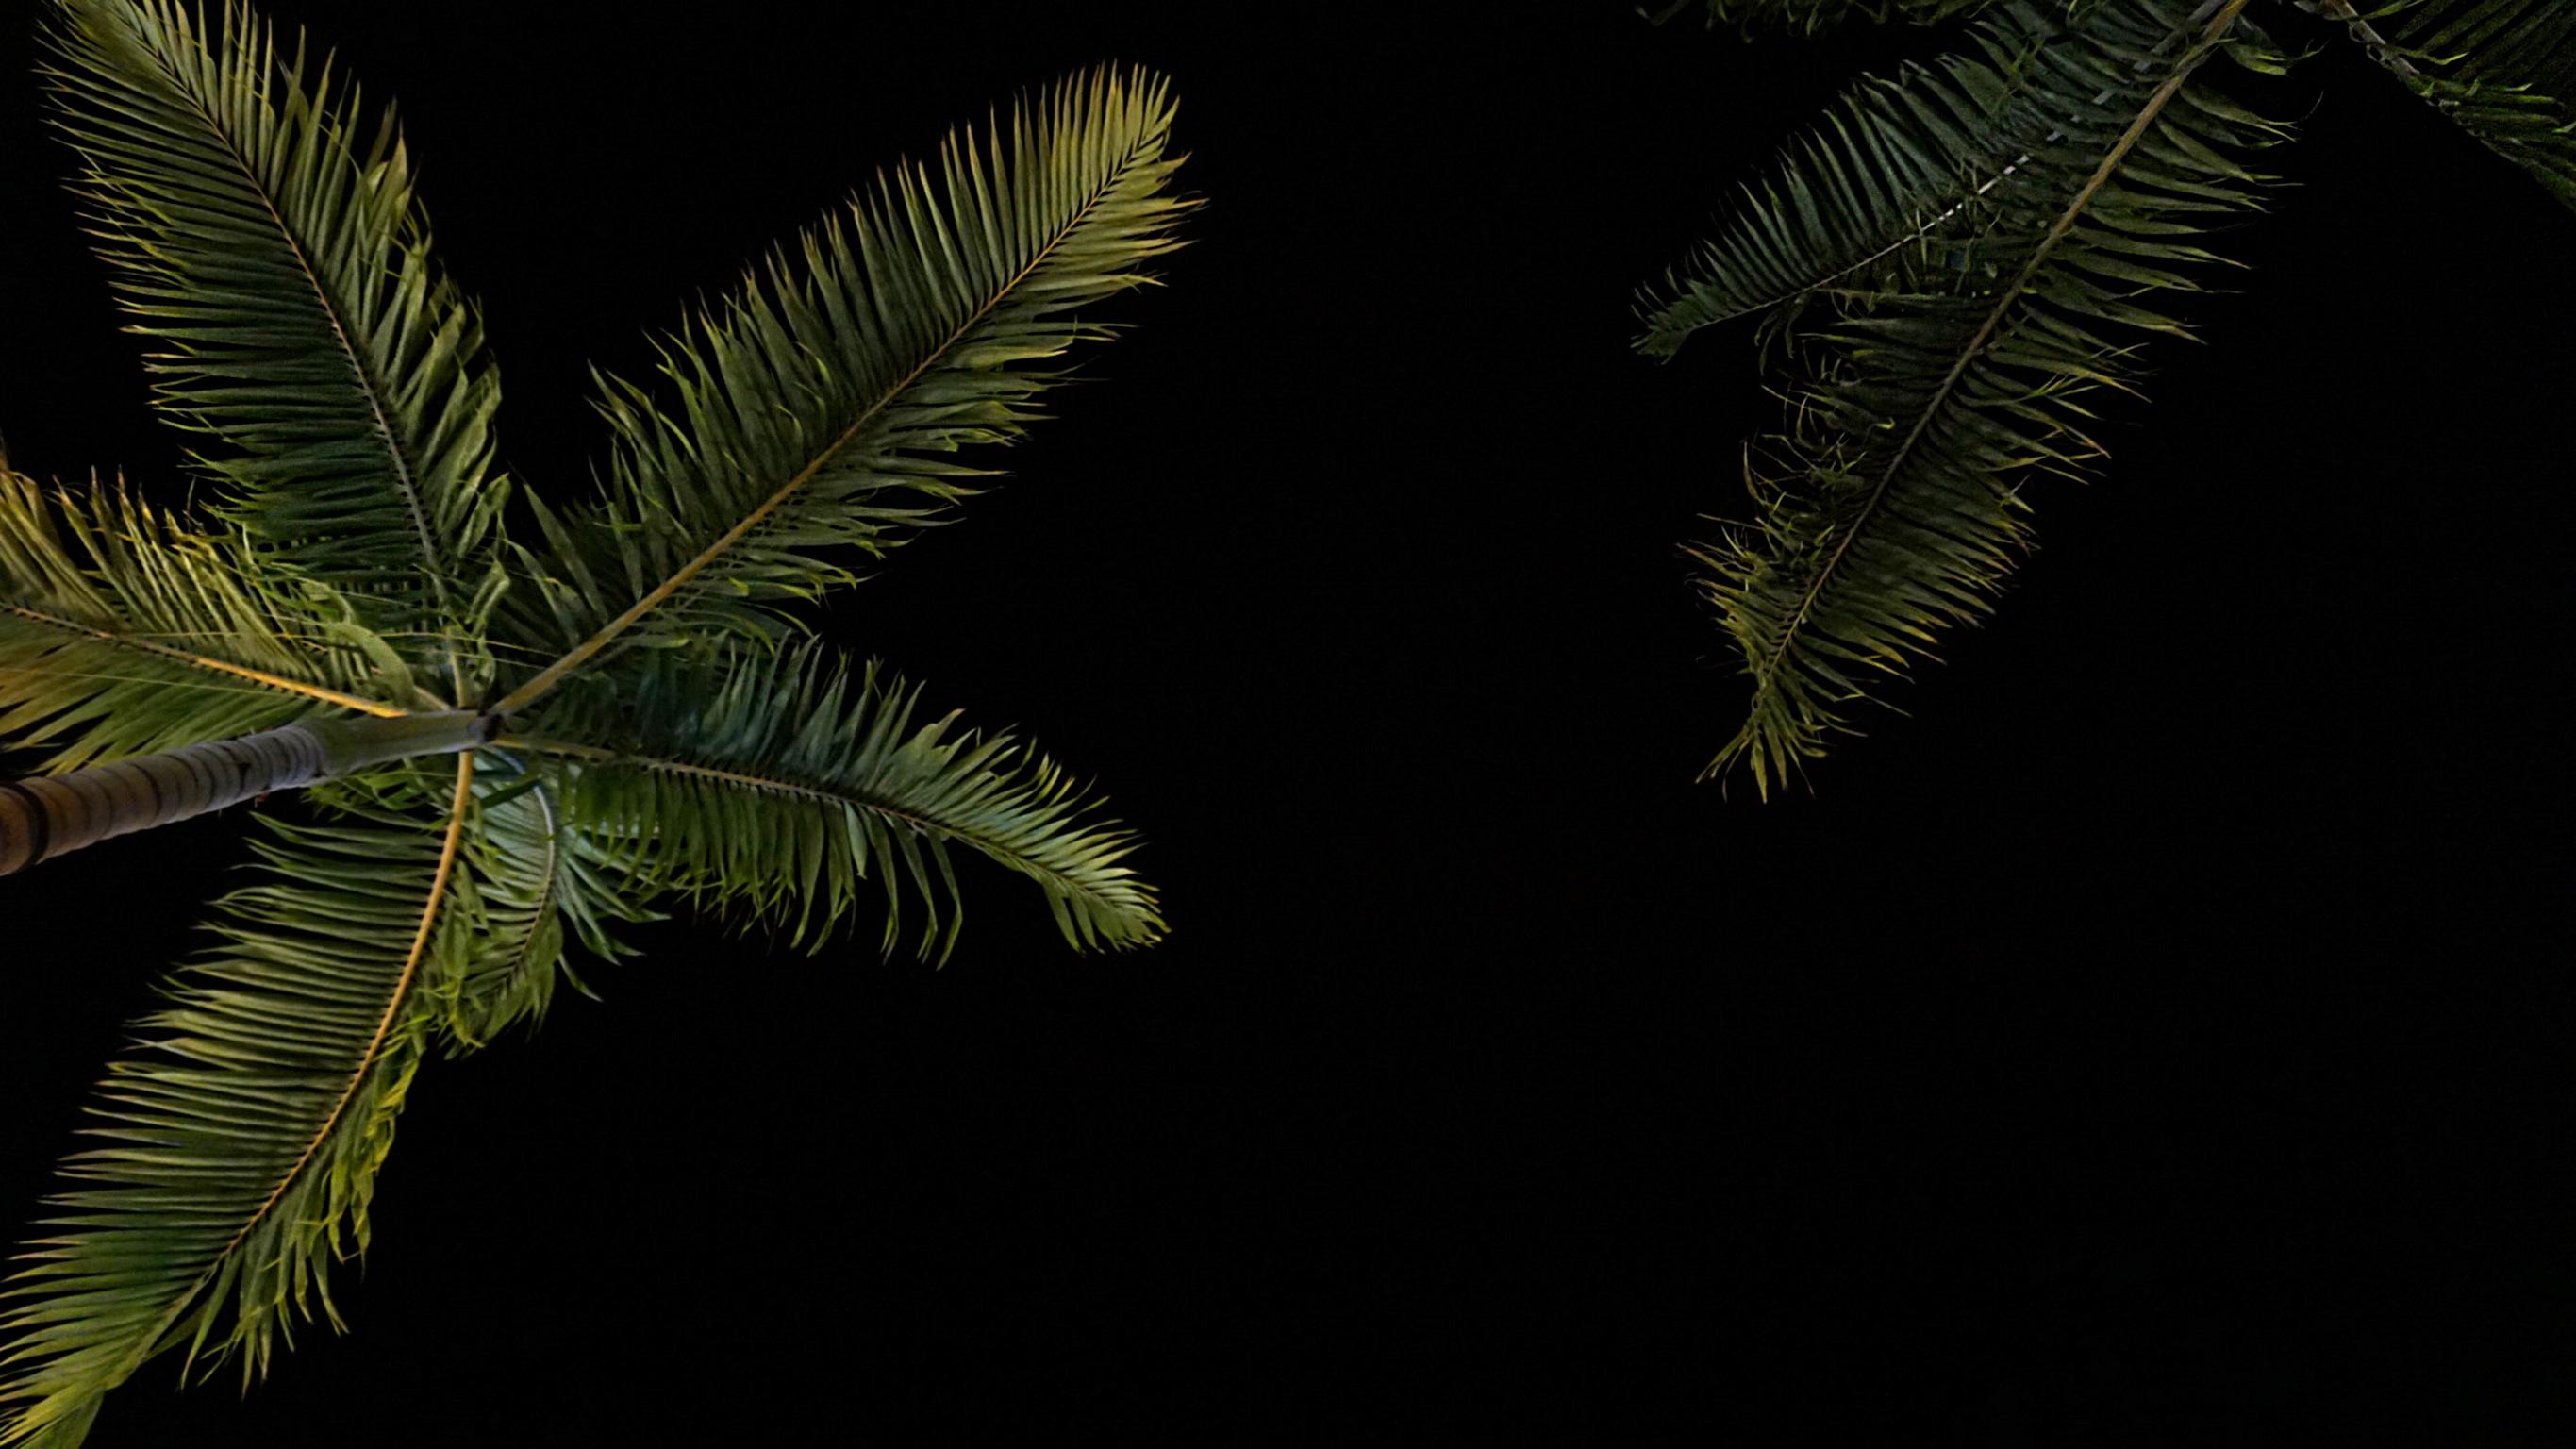 Картинка листья пальмы на черном фоне